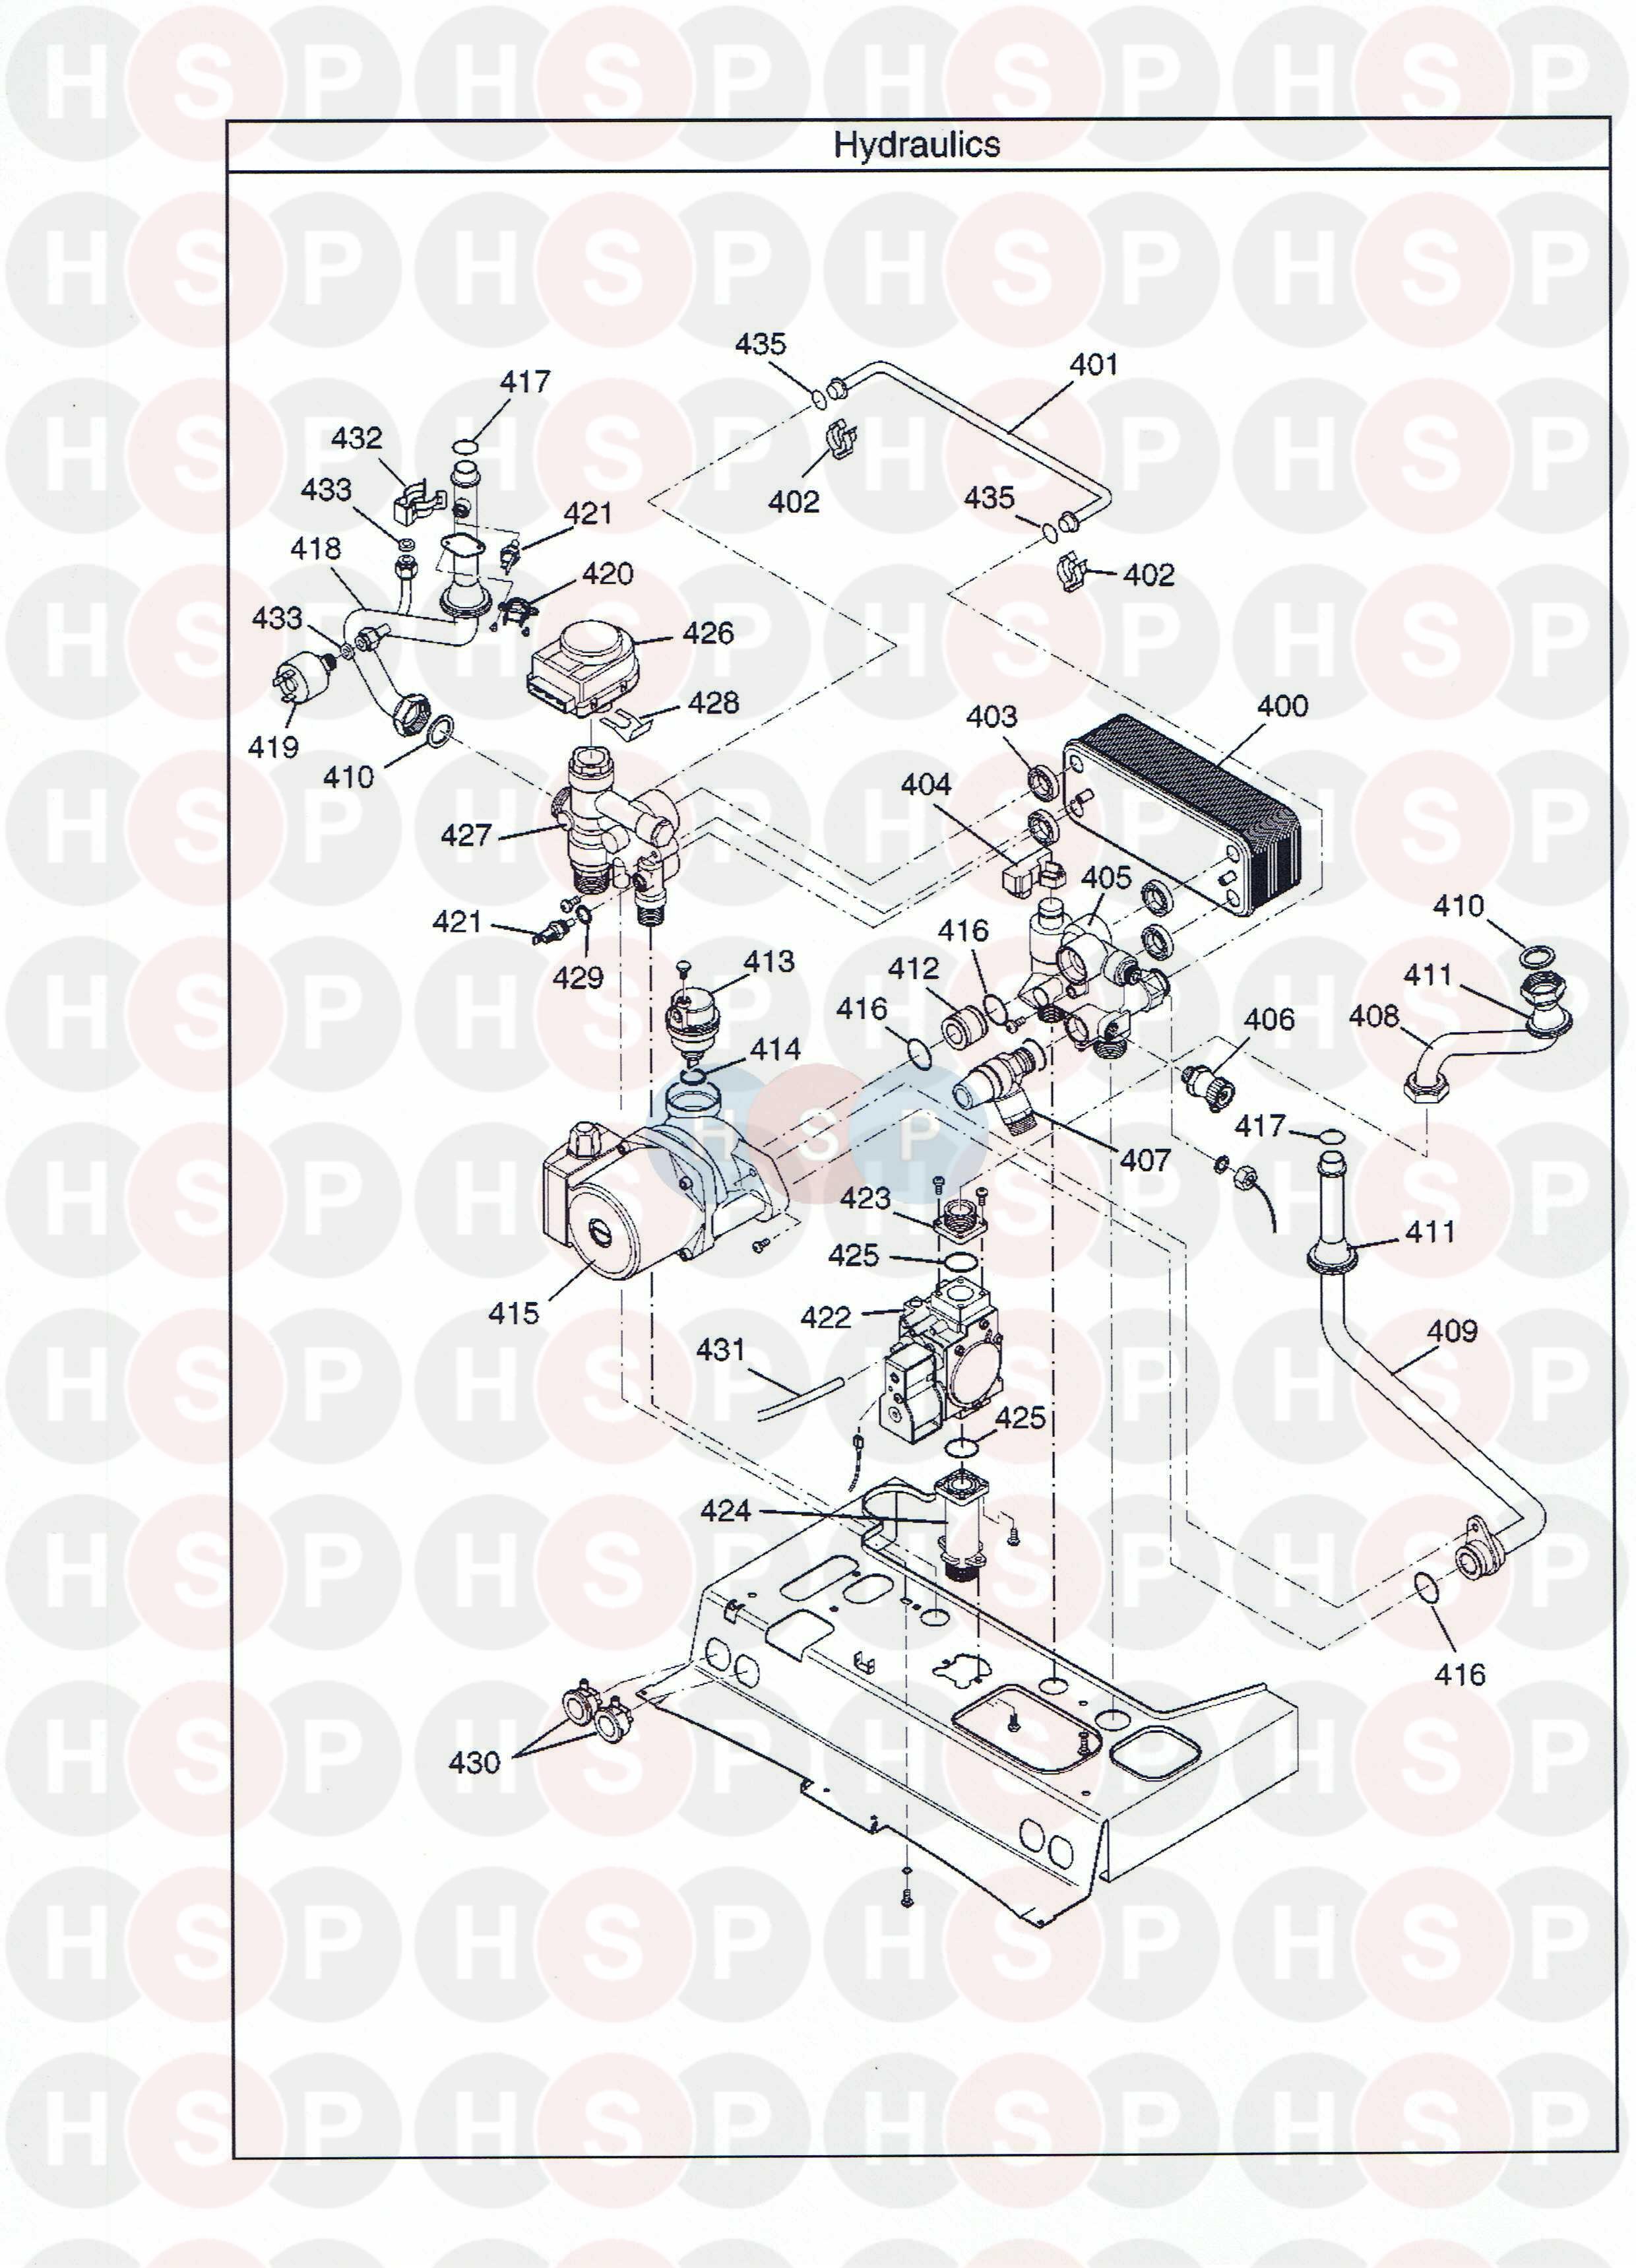 Potterton PROMAX COMBI 28 HE PLUS A Appliance Diagram